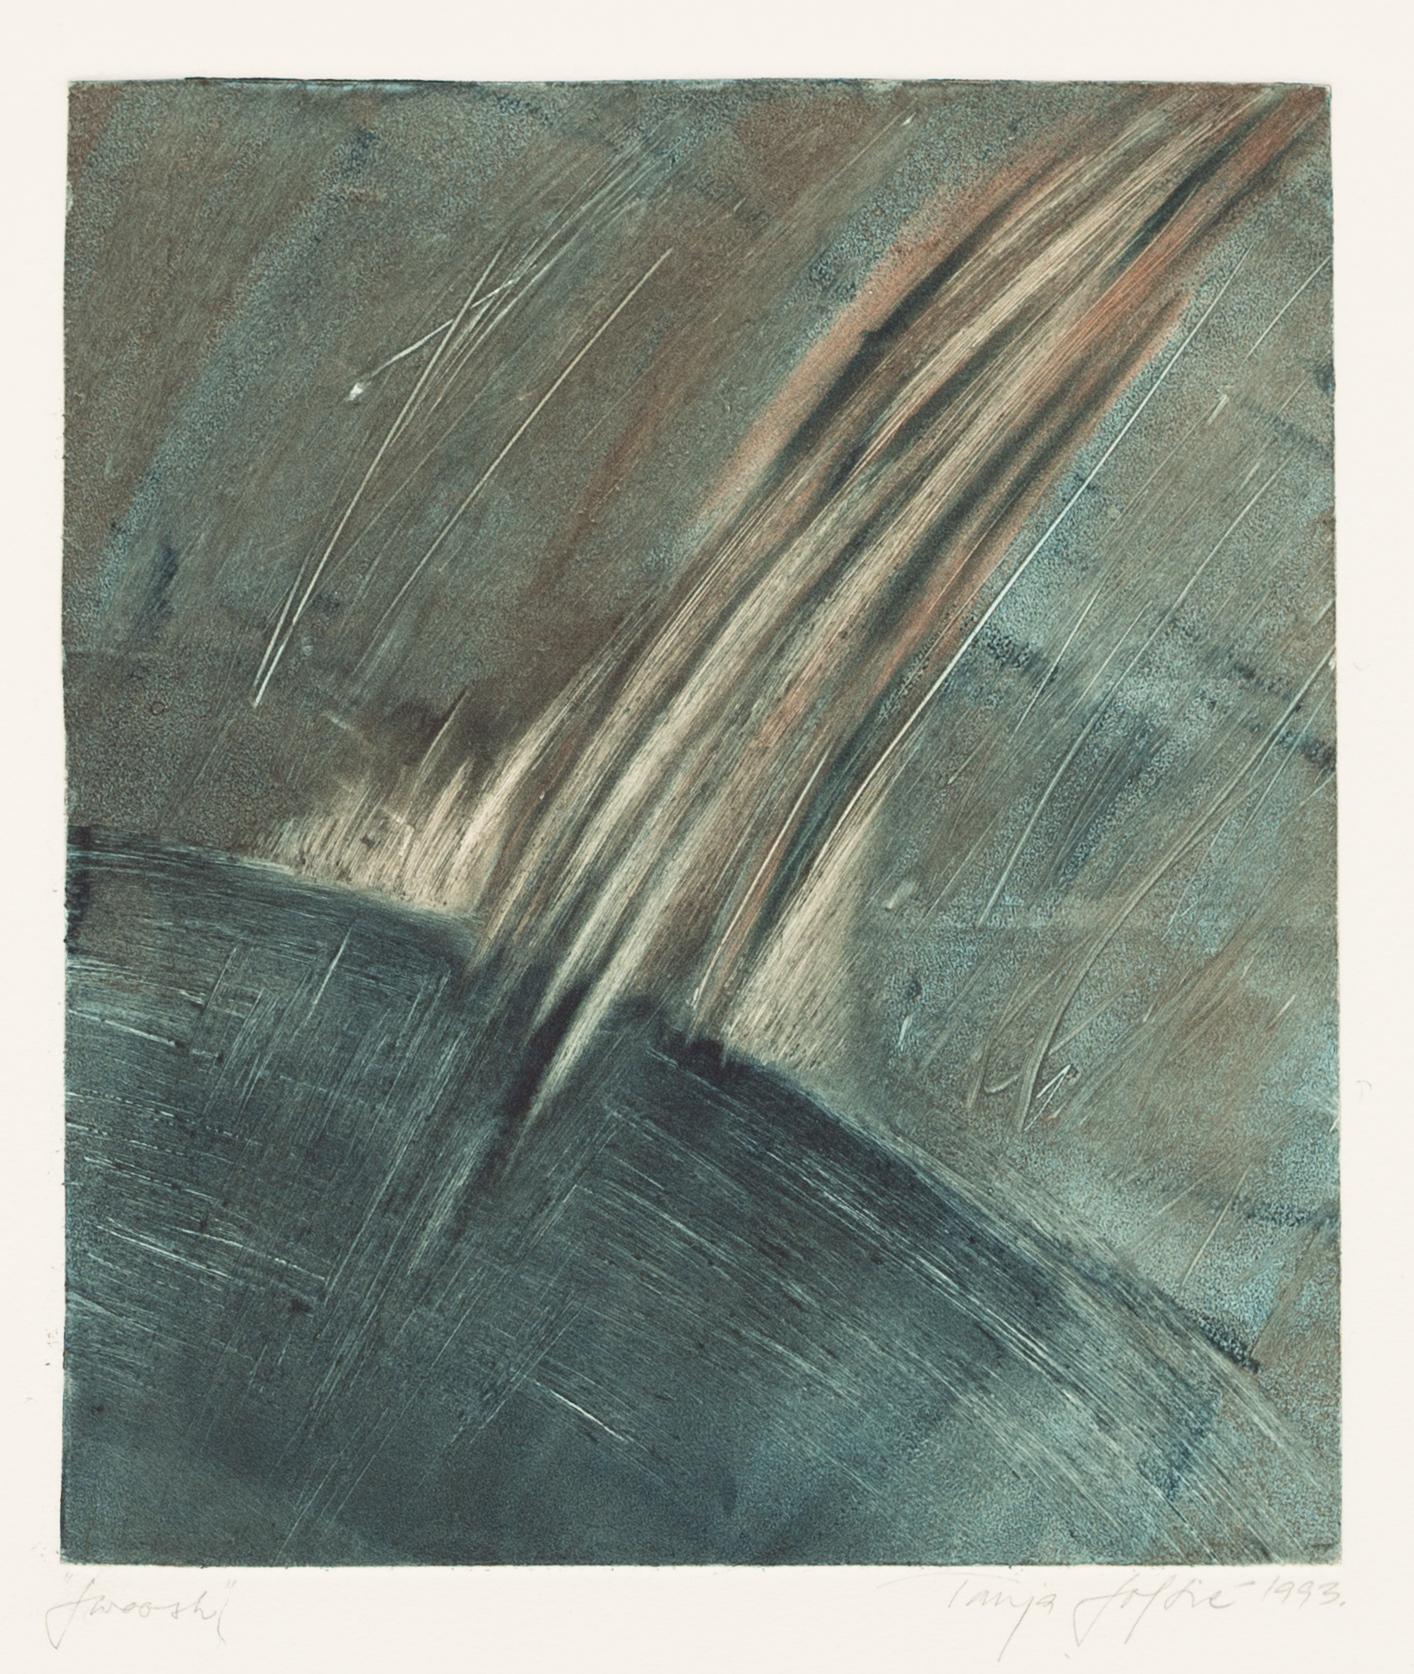 Swoosh, 1993